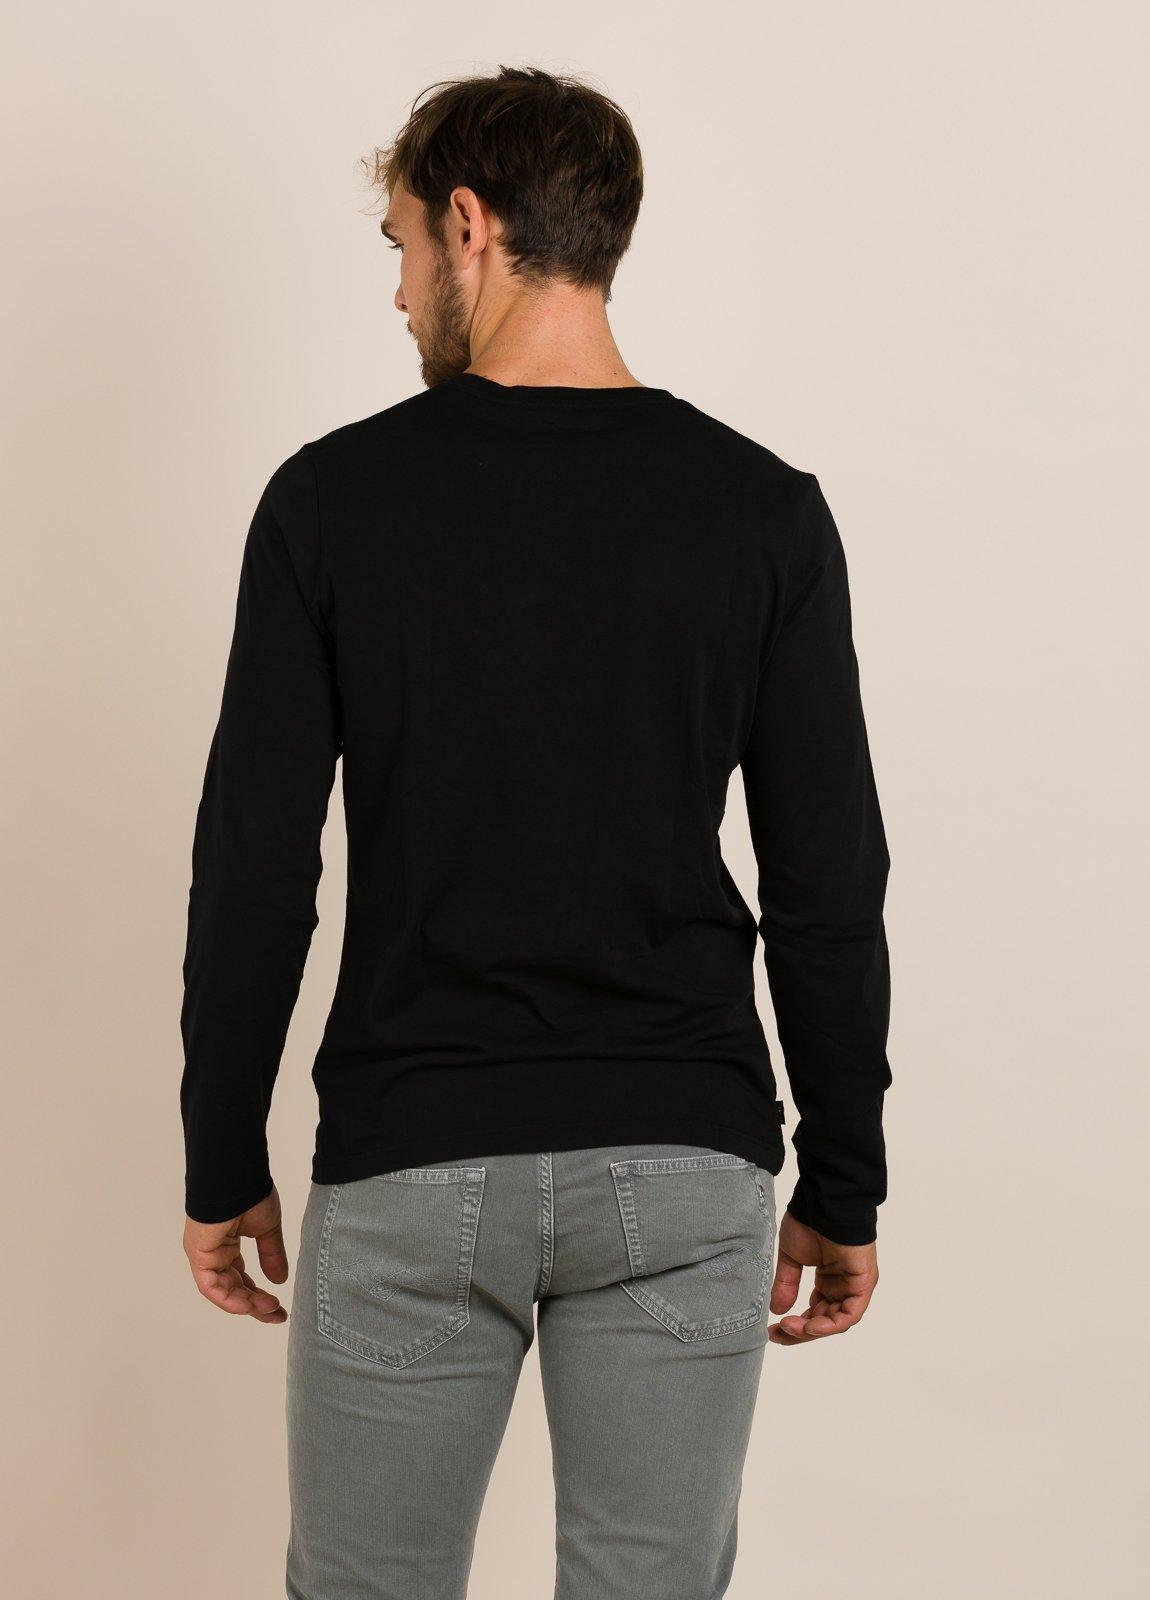 Camiseta NORTON negra - Ítem1